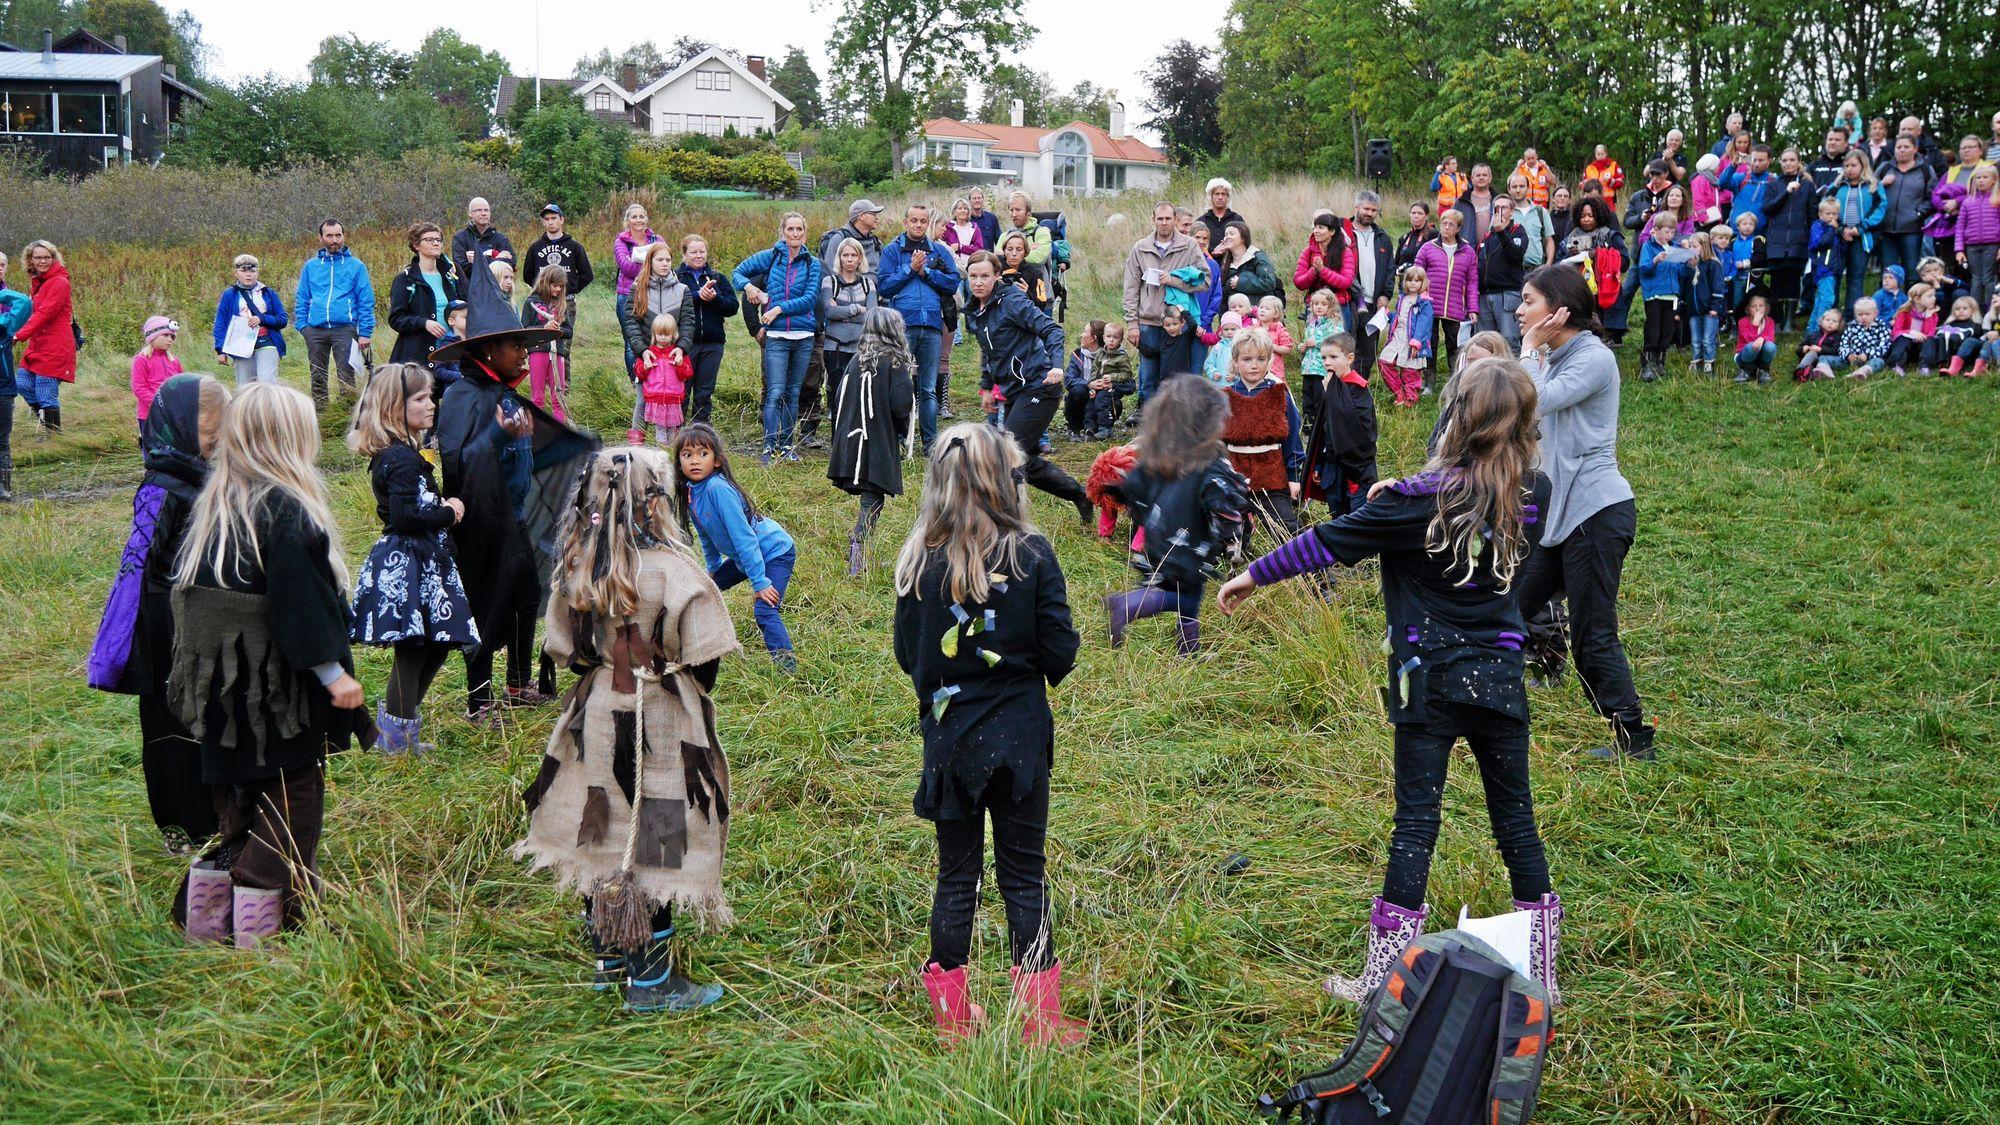 EVENTYRLIG: Alle elsker Eventyrfestivalen, og det blir eventyrlig stemning i skogen i år også.